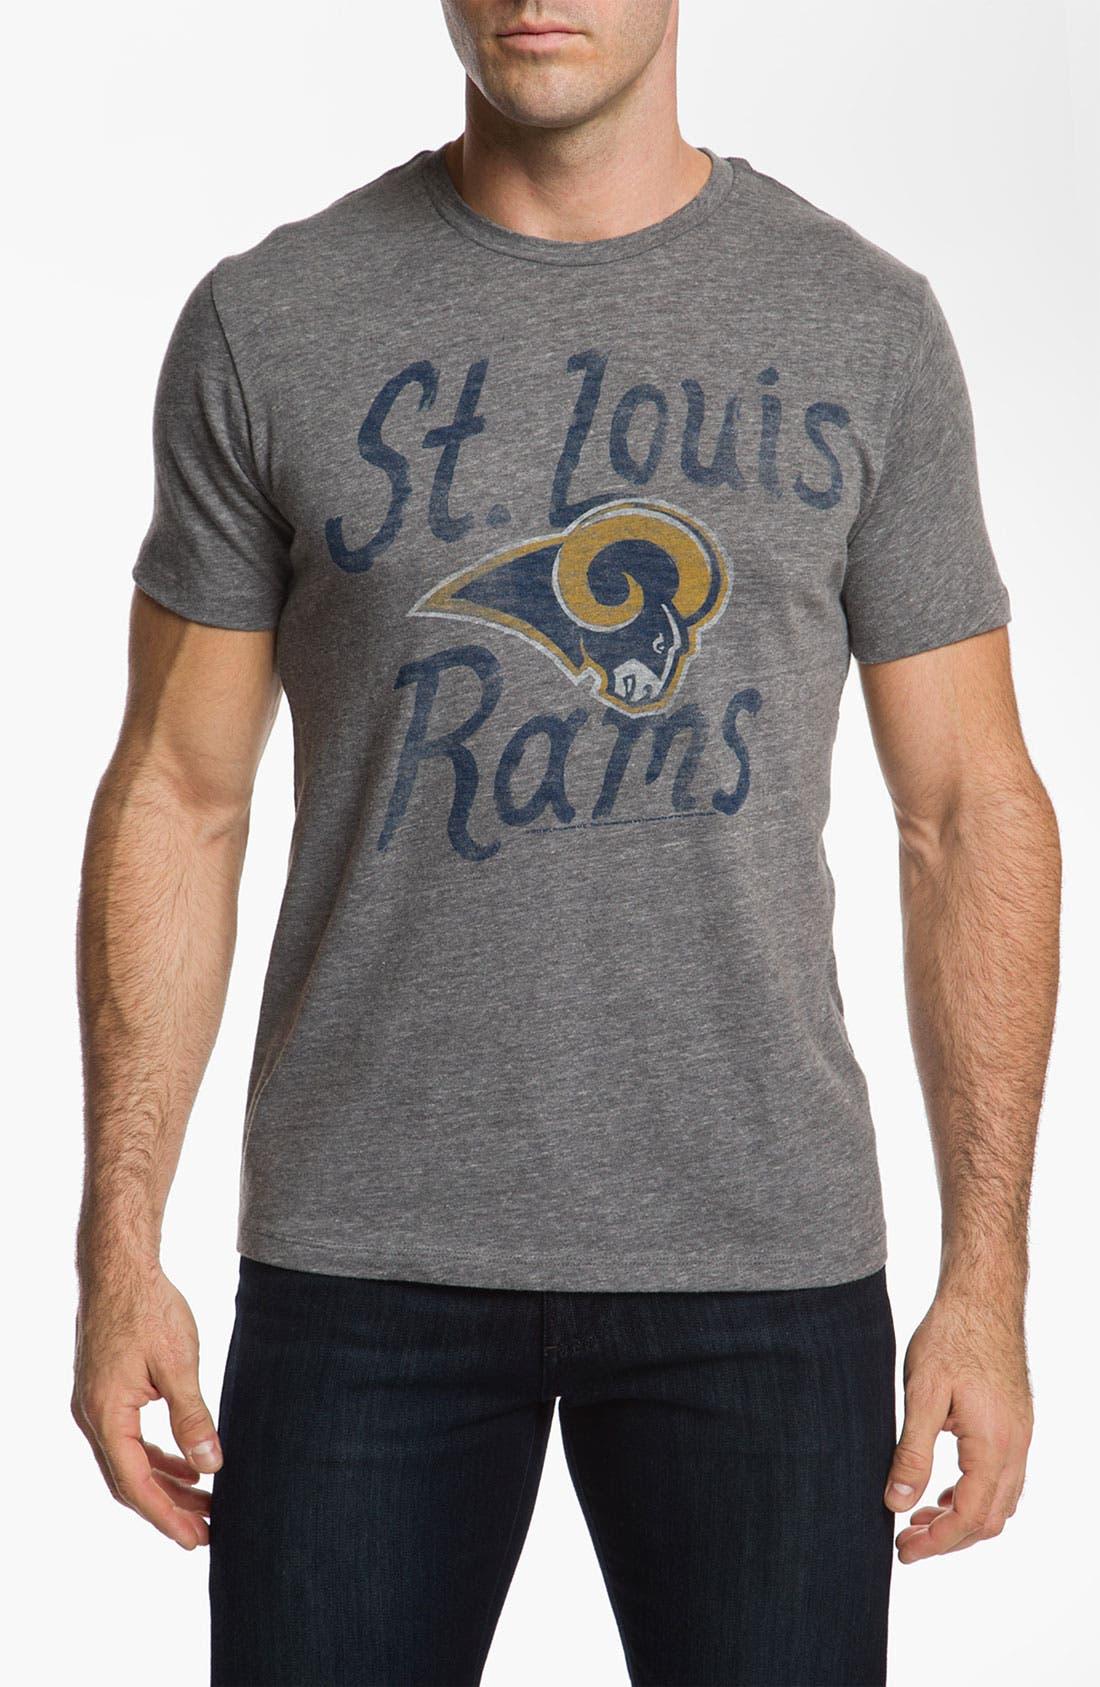 Alternate Image 1 Selected - Junk Food 'St. Louis Rams' T-Shirt